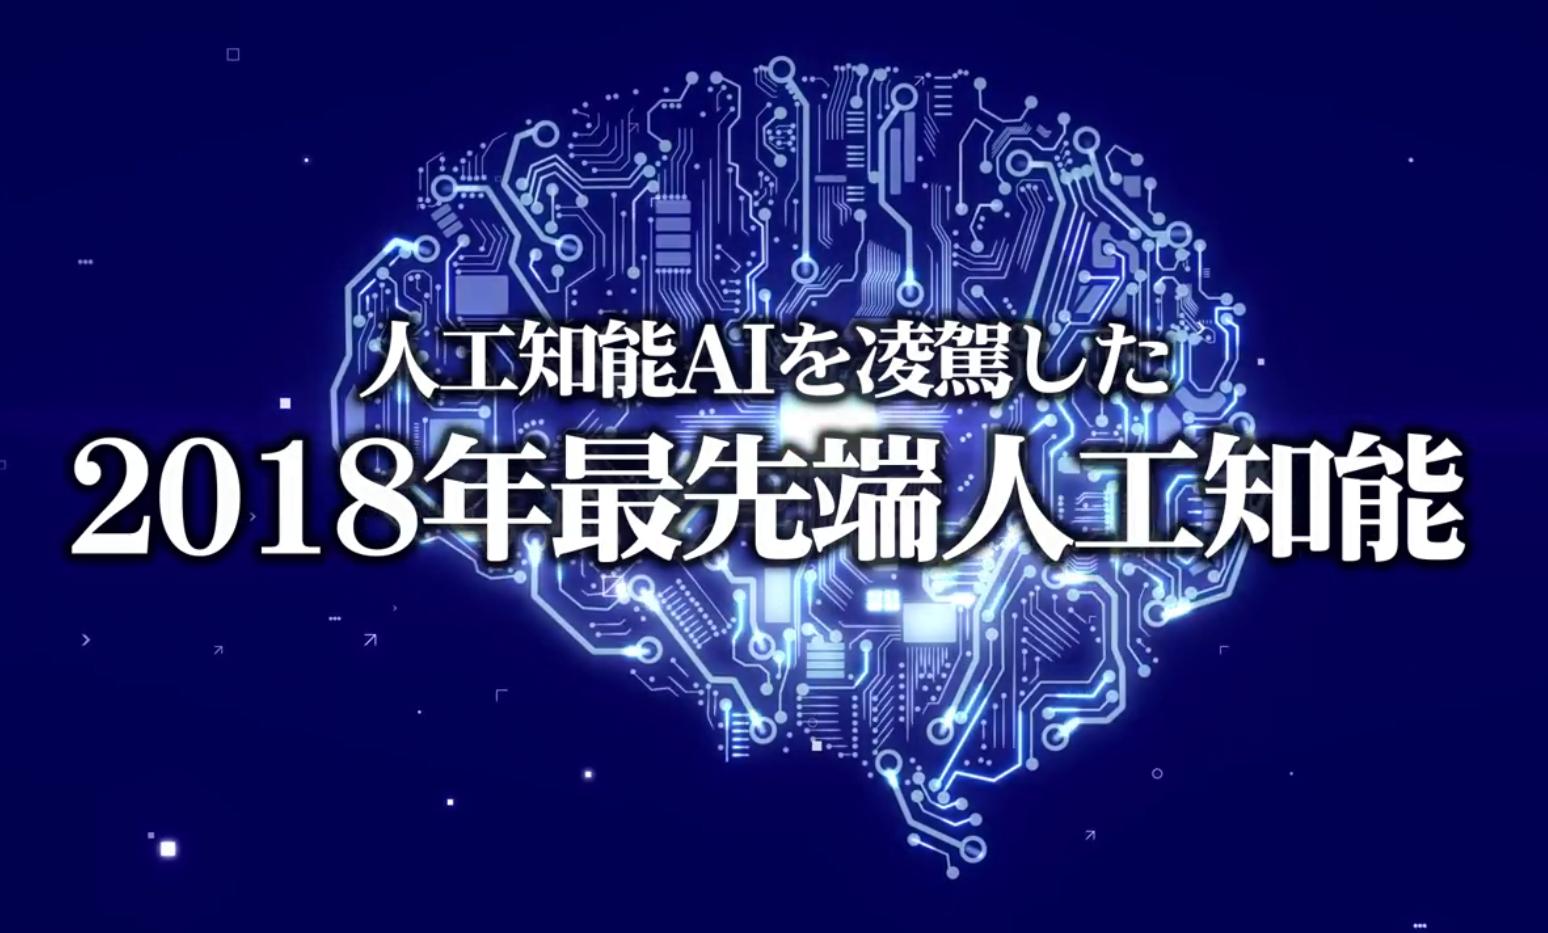 人工知能AIを凌駕した2018年最先端人工知能